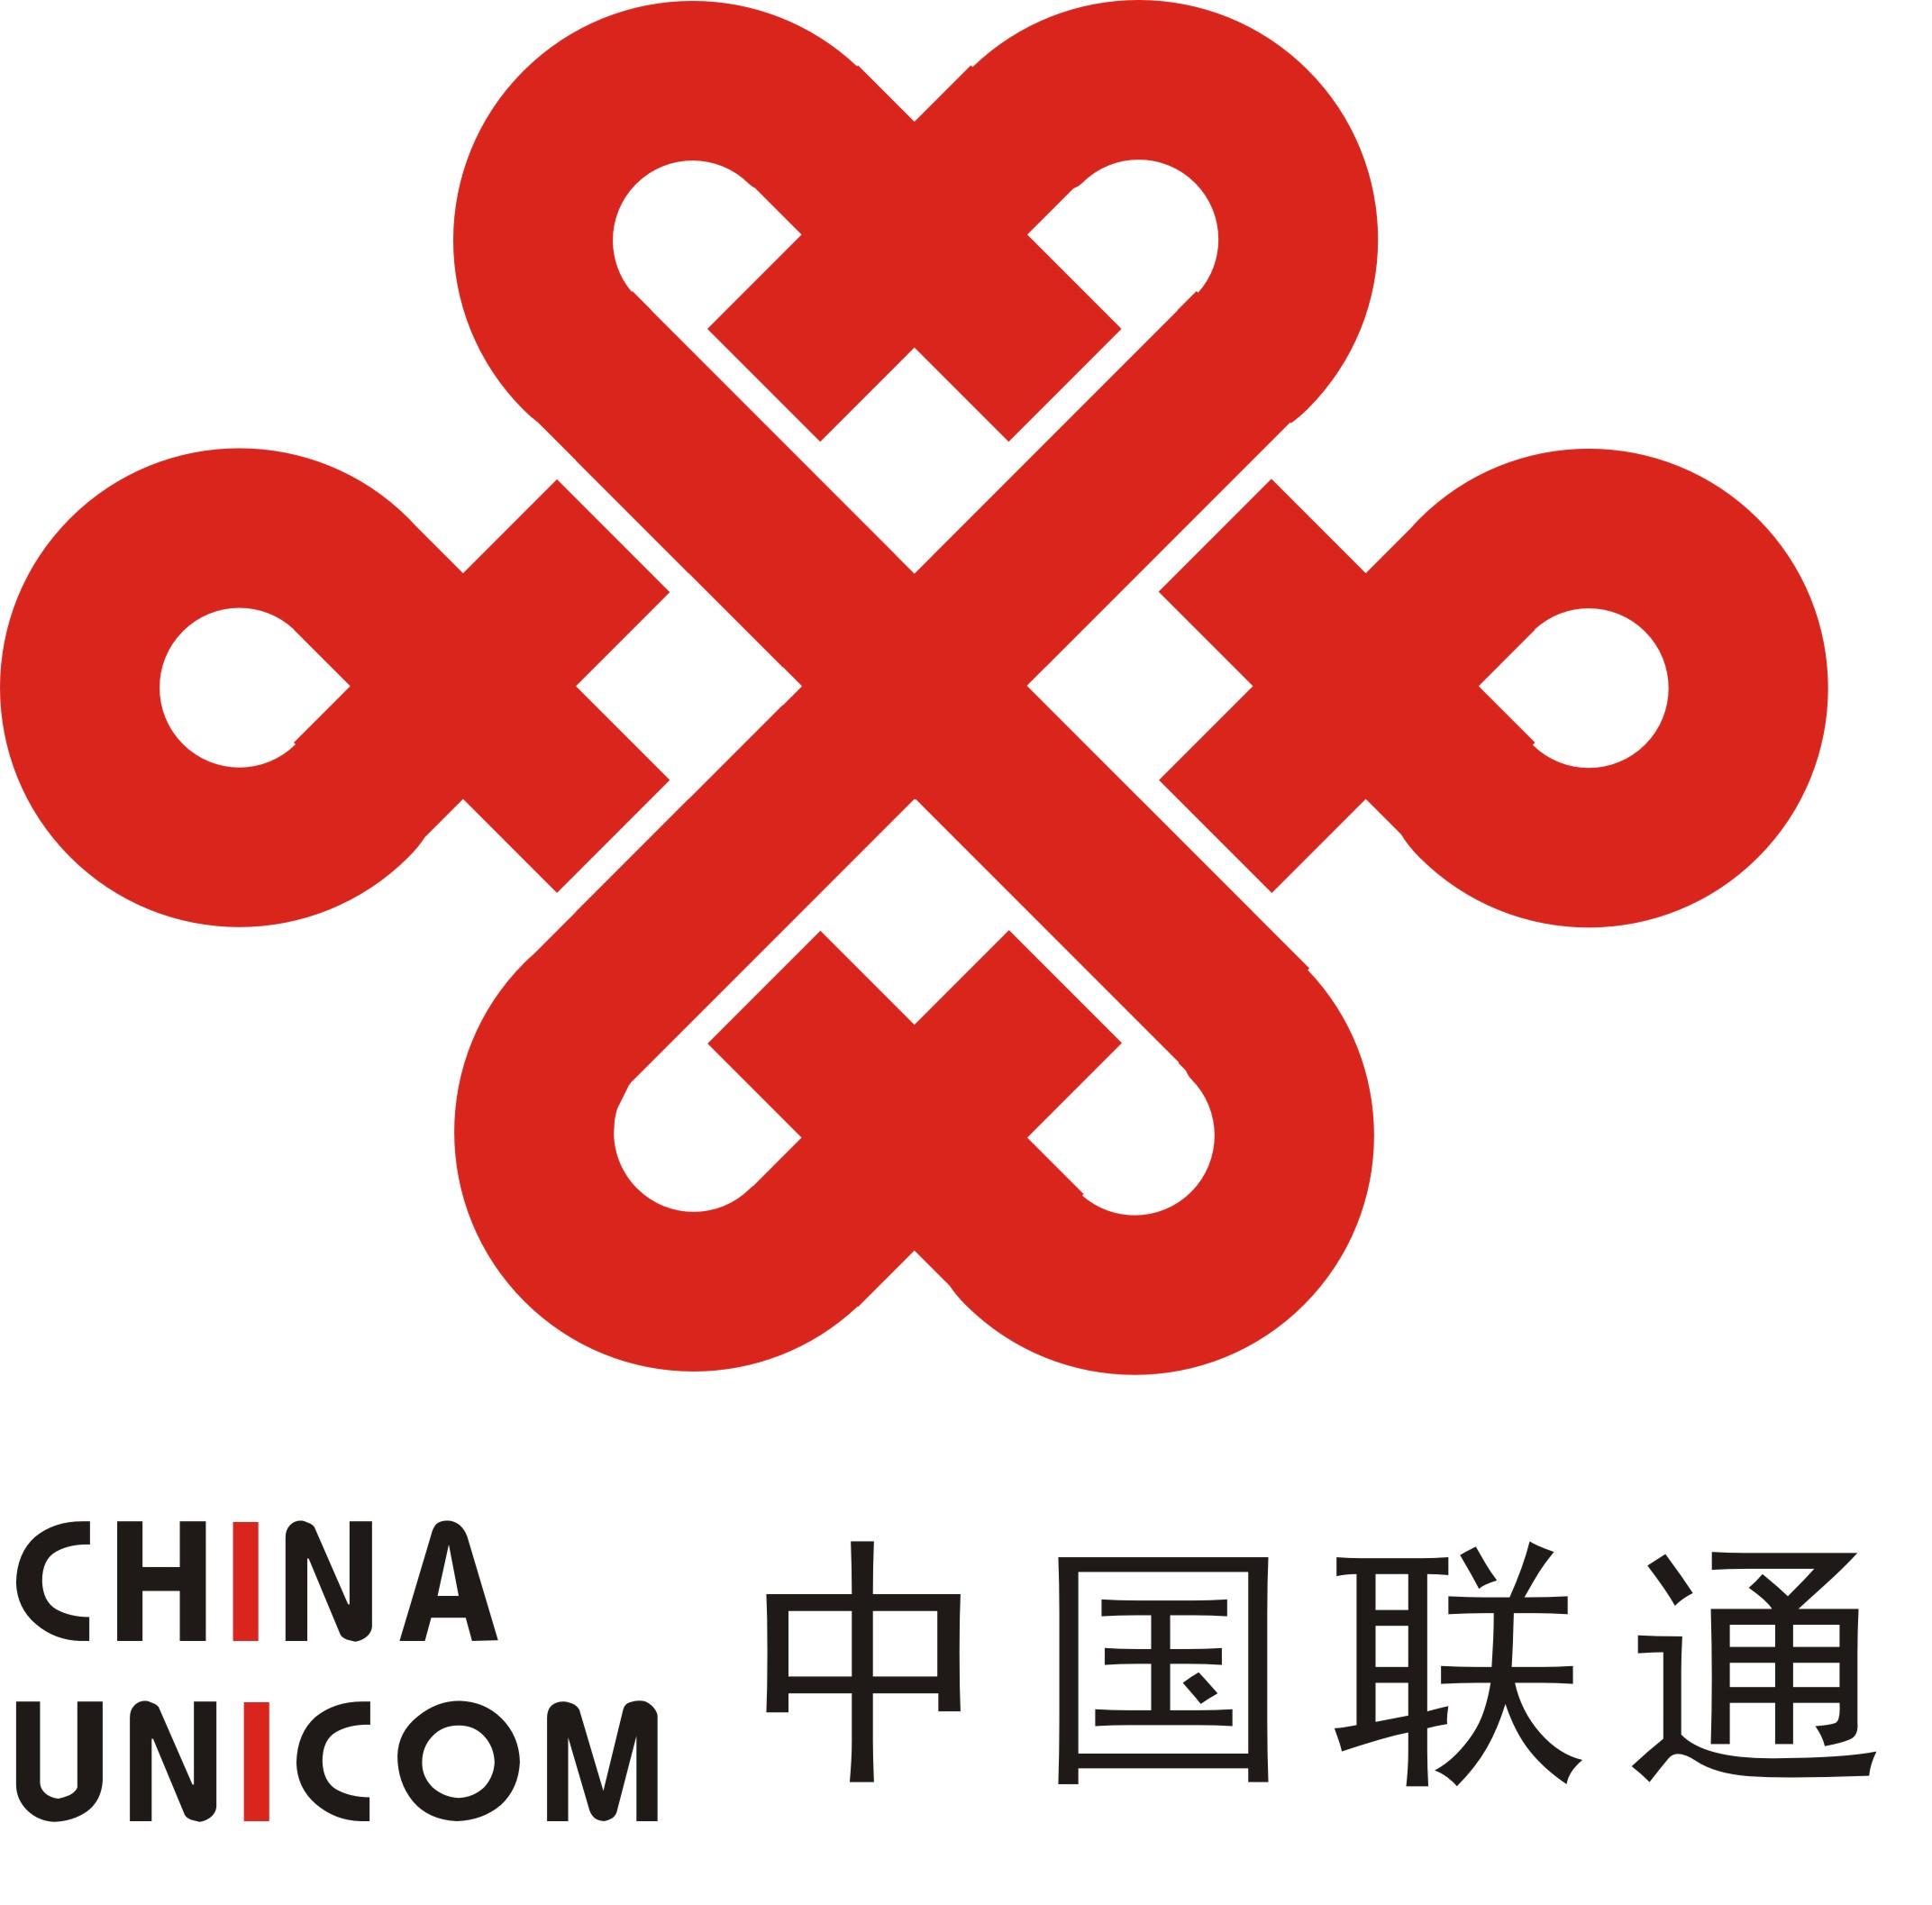 logo logo 标志 设计 矢量 矢量图 素材 图标 2144_2114